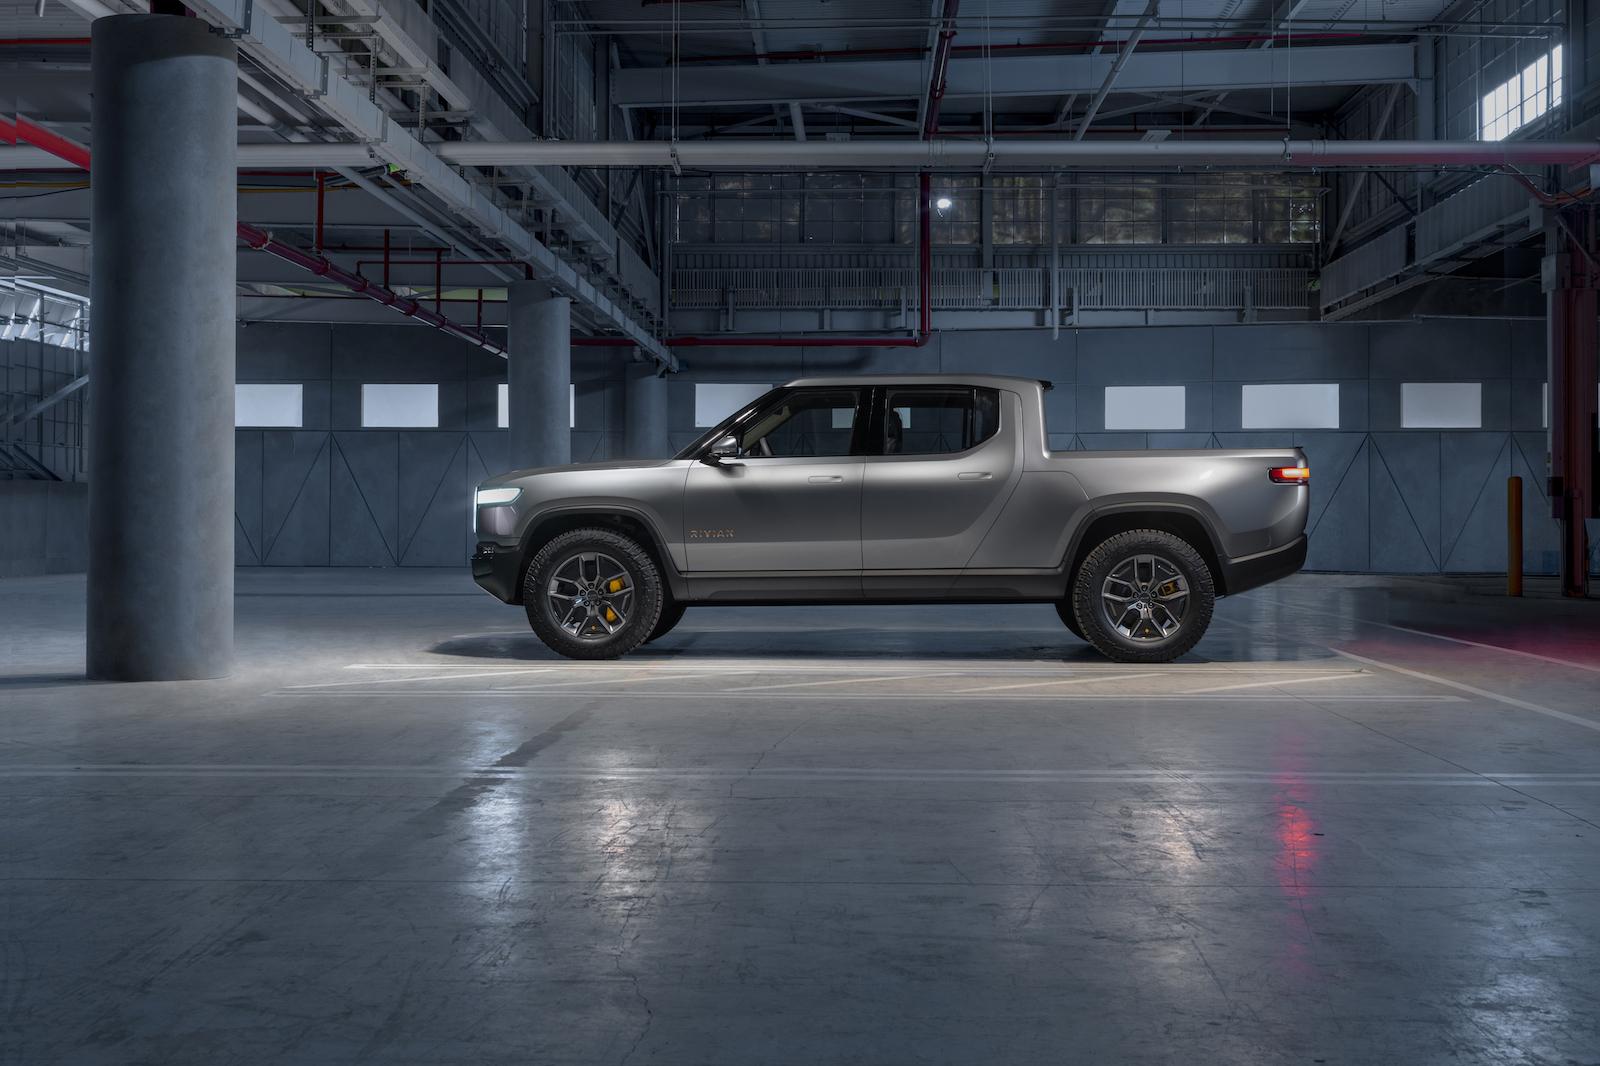 R1T 擁有 11,000 磅拖曳能力以及 1,800 磅車床負重。